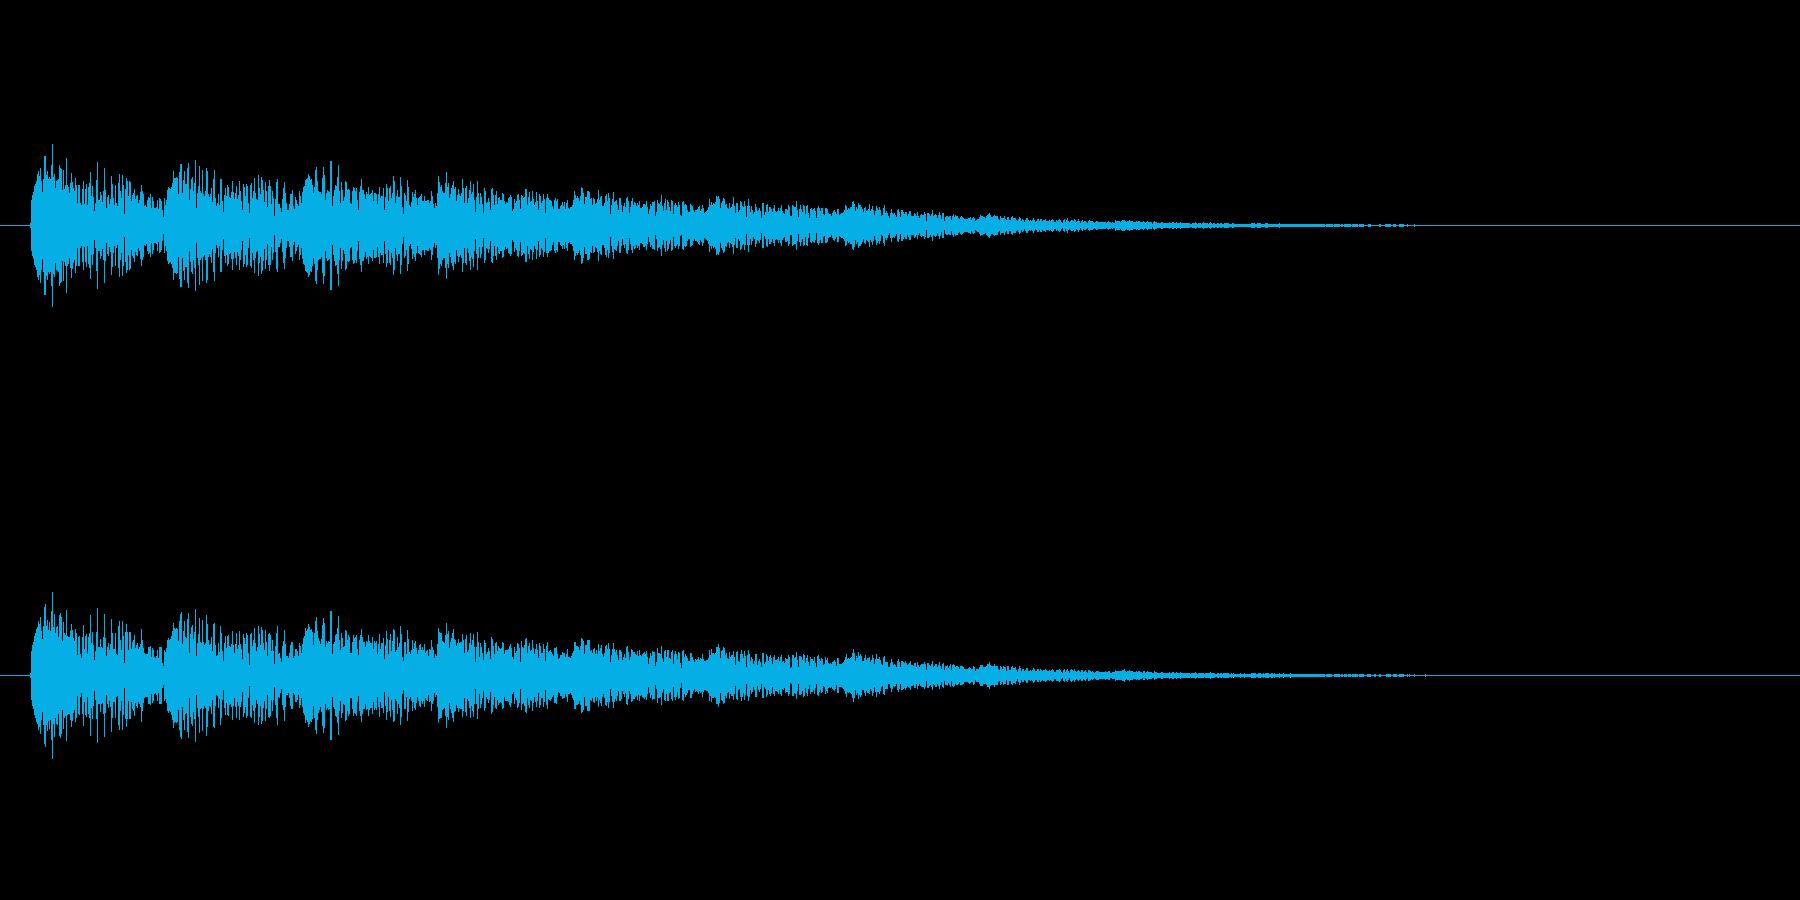 【ネガティブ09-2】の再生済みの波形